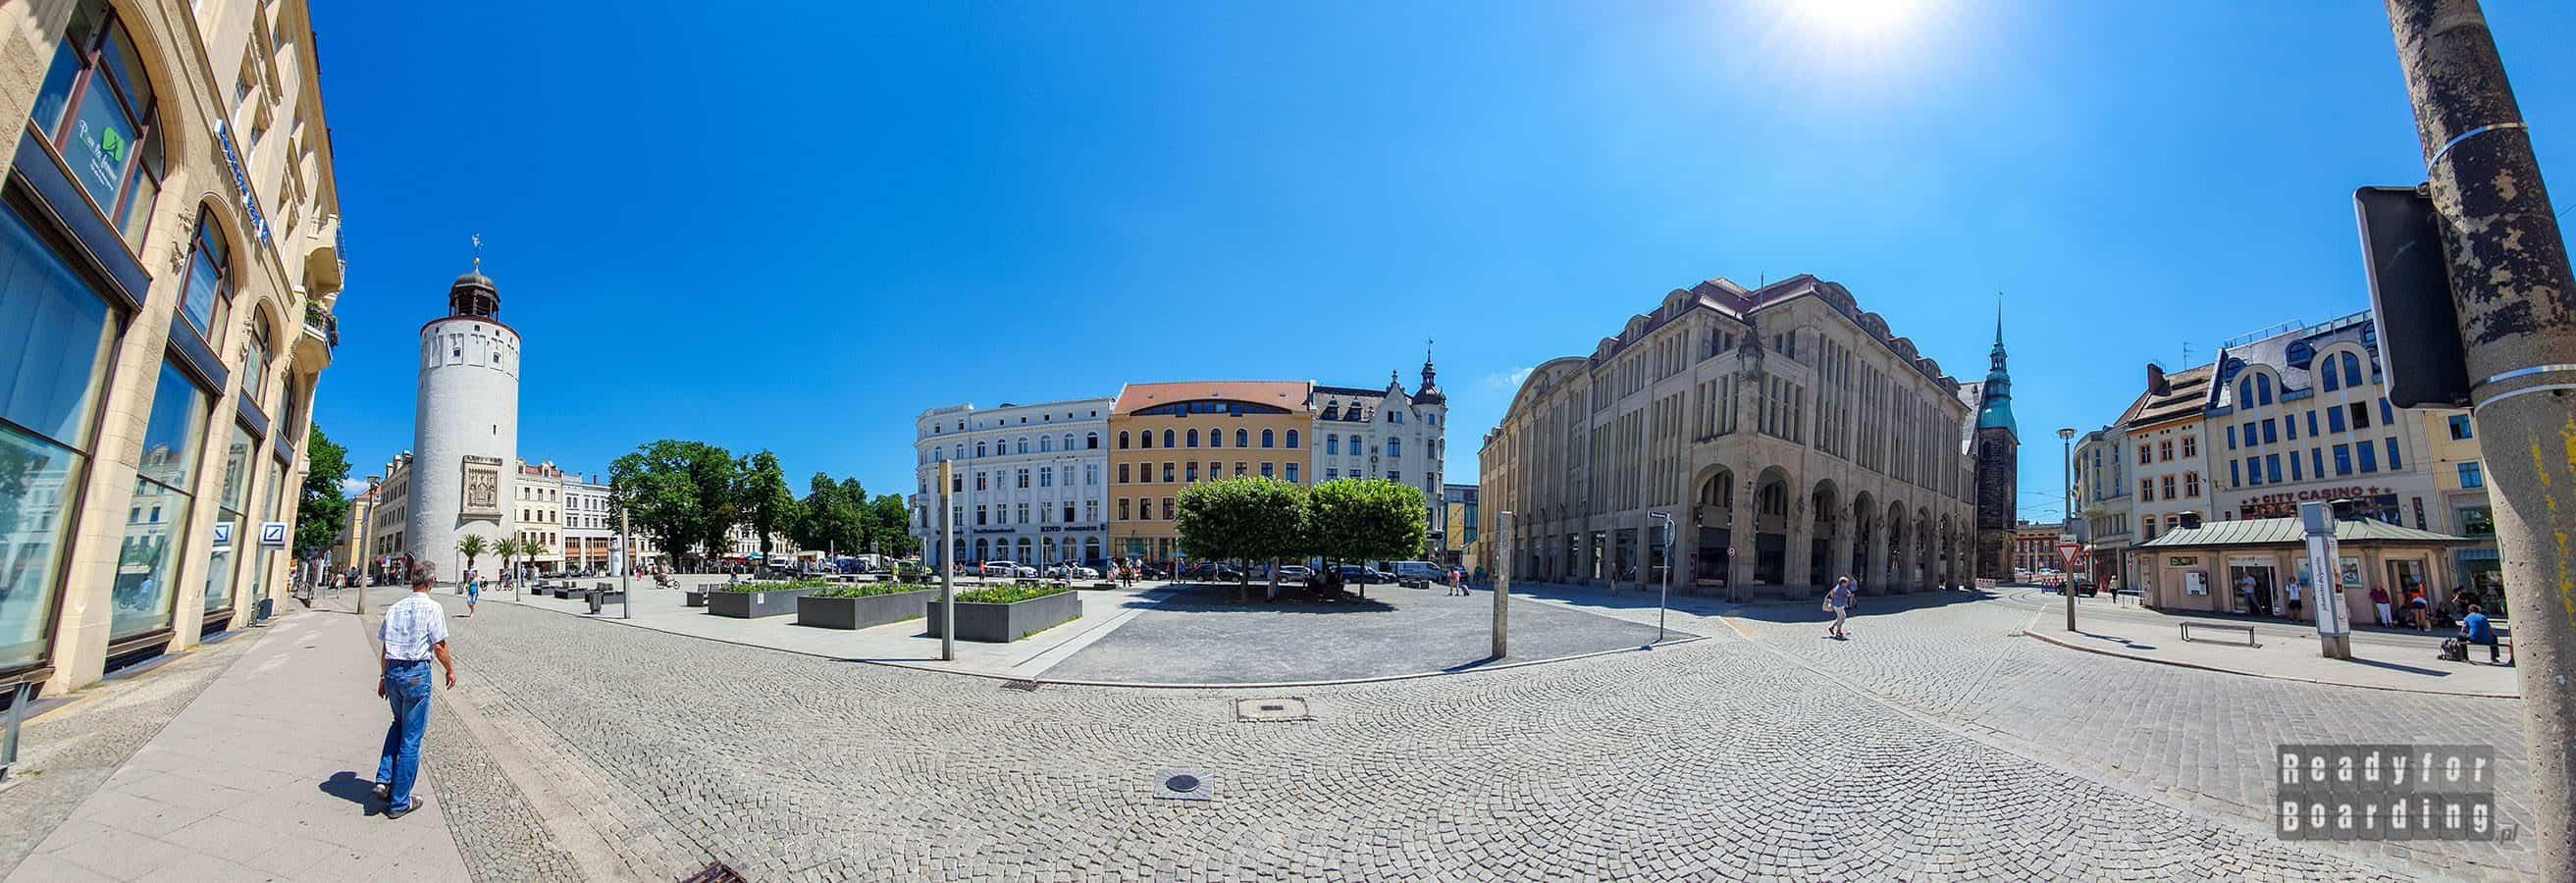 Panorama: Gorlitz - Saksonia, Niemcy